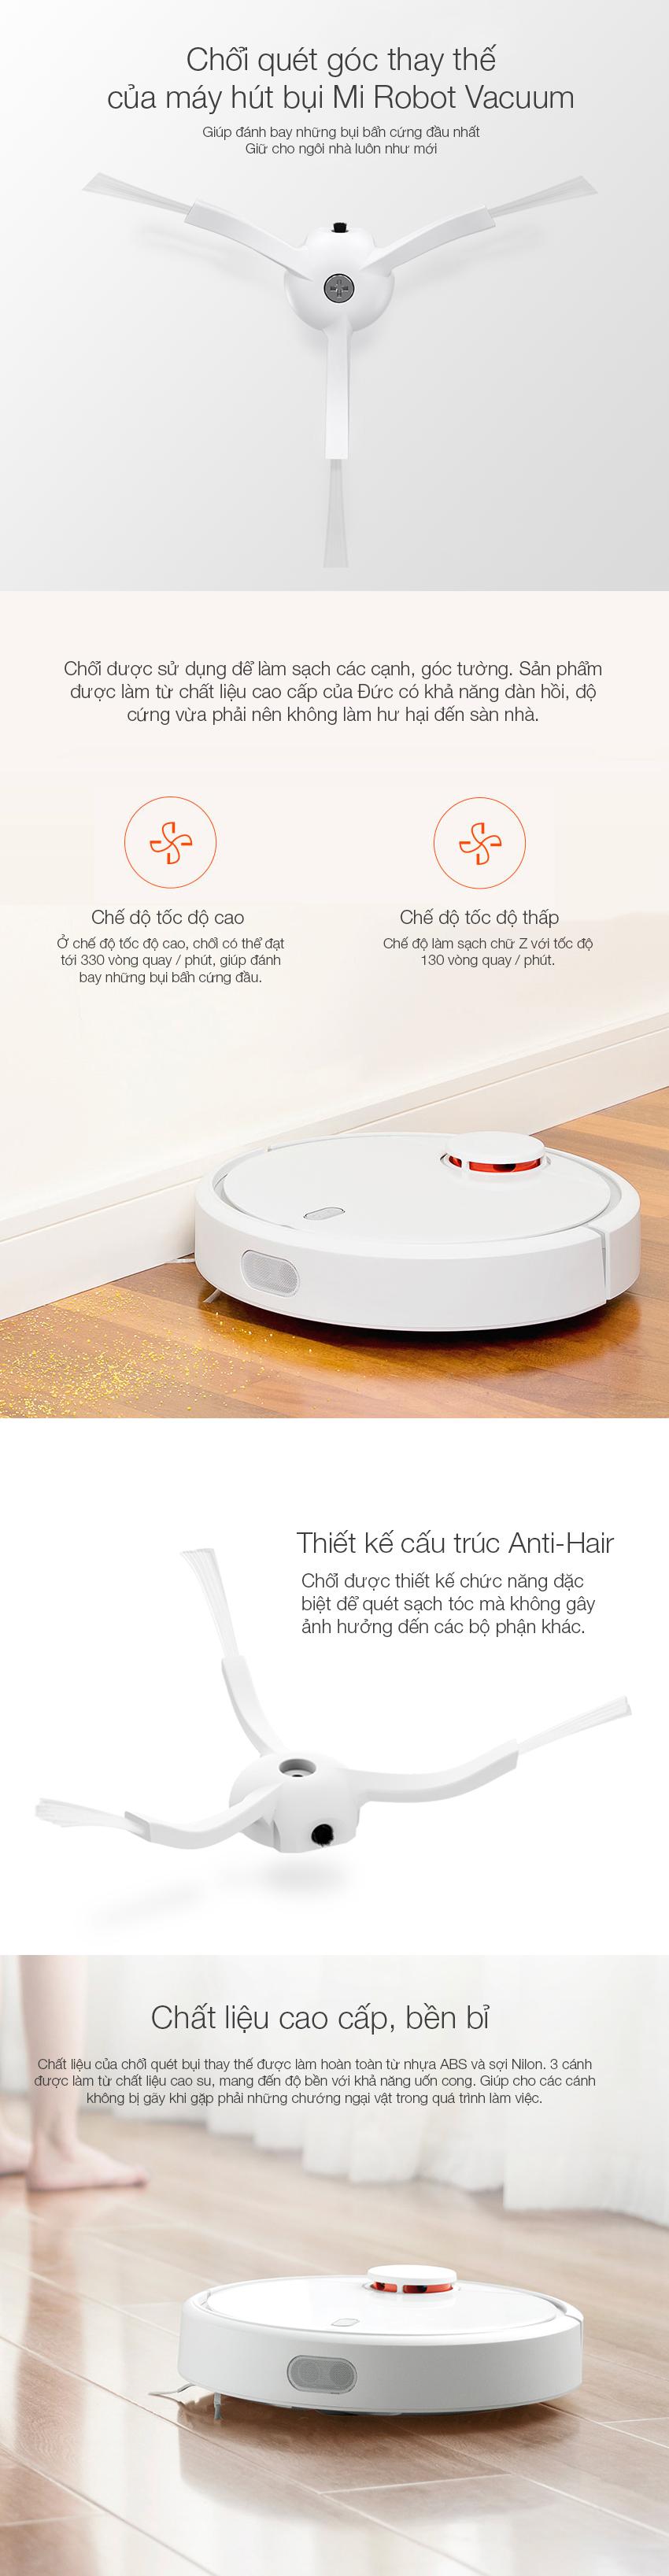 Chổi quét góc thay thế của Robot hút bụi Xiaomi Robot Vacuum - SKV4006CN